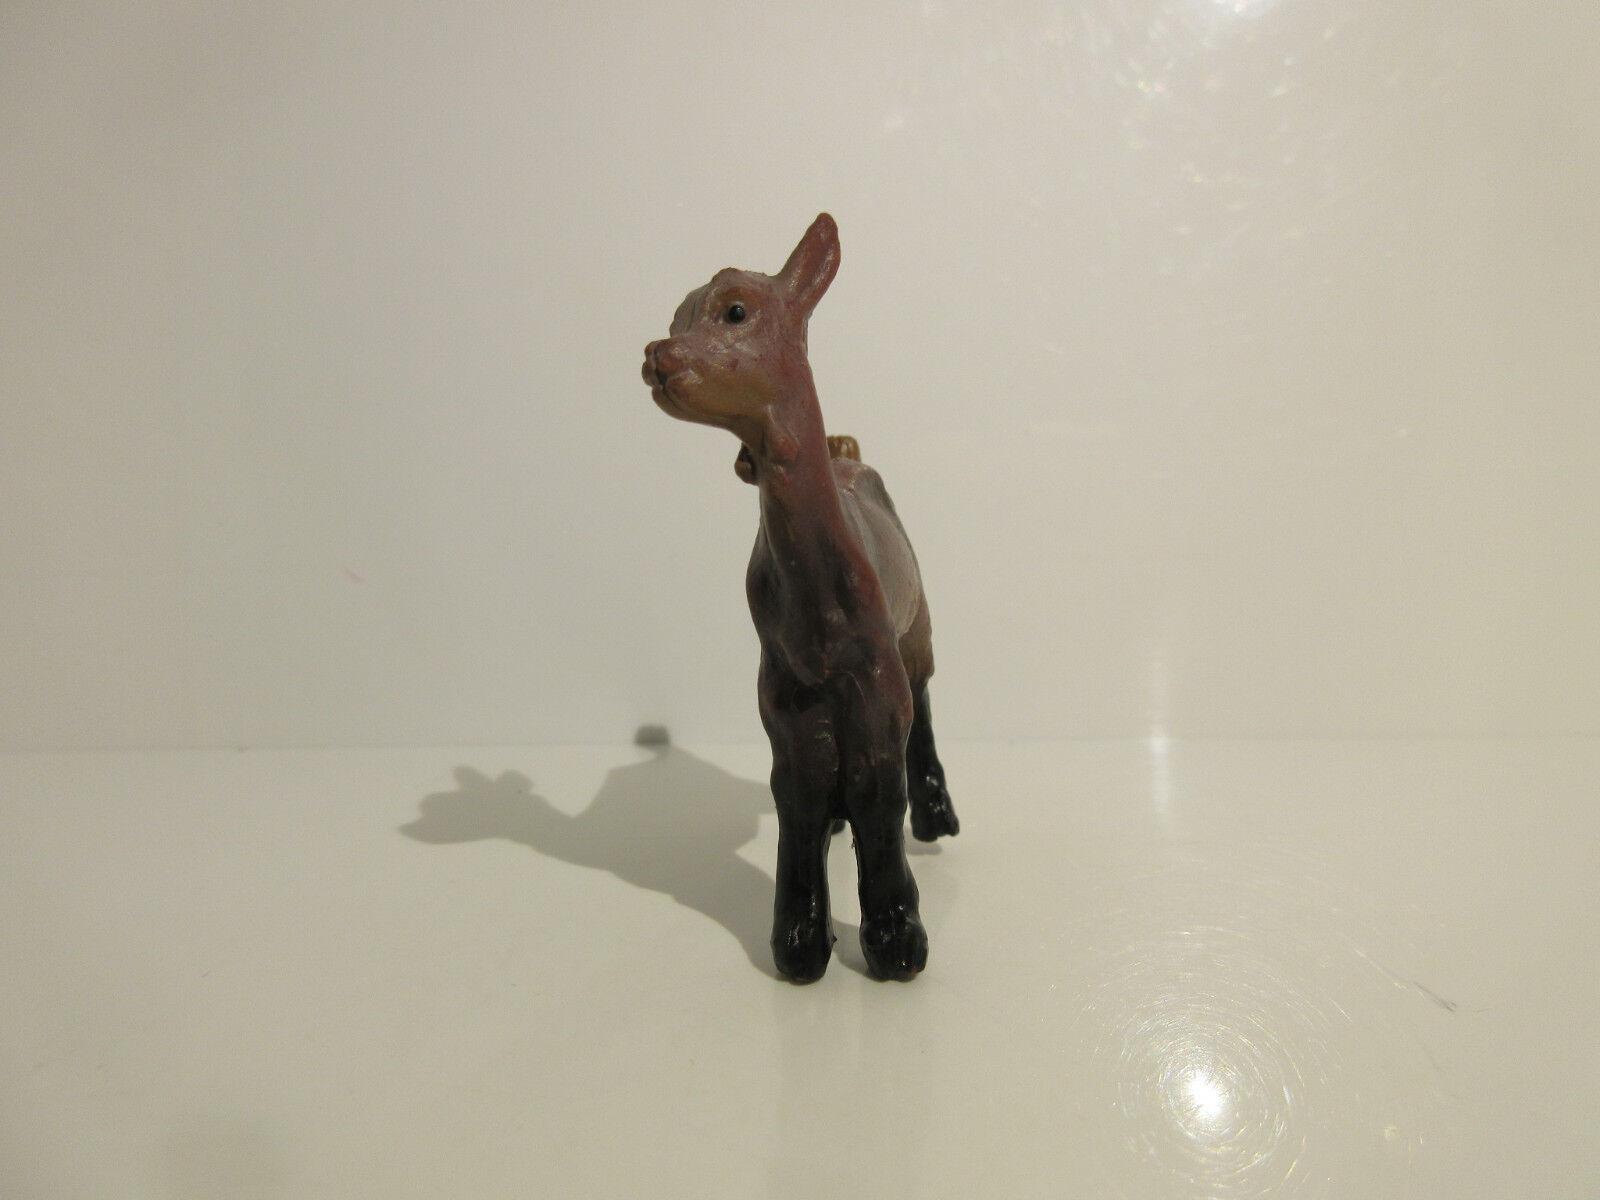 13003 Schleich Goat  1D1394 Kid, Braun ref 1D1394  5be023